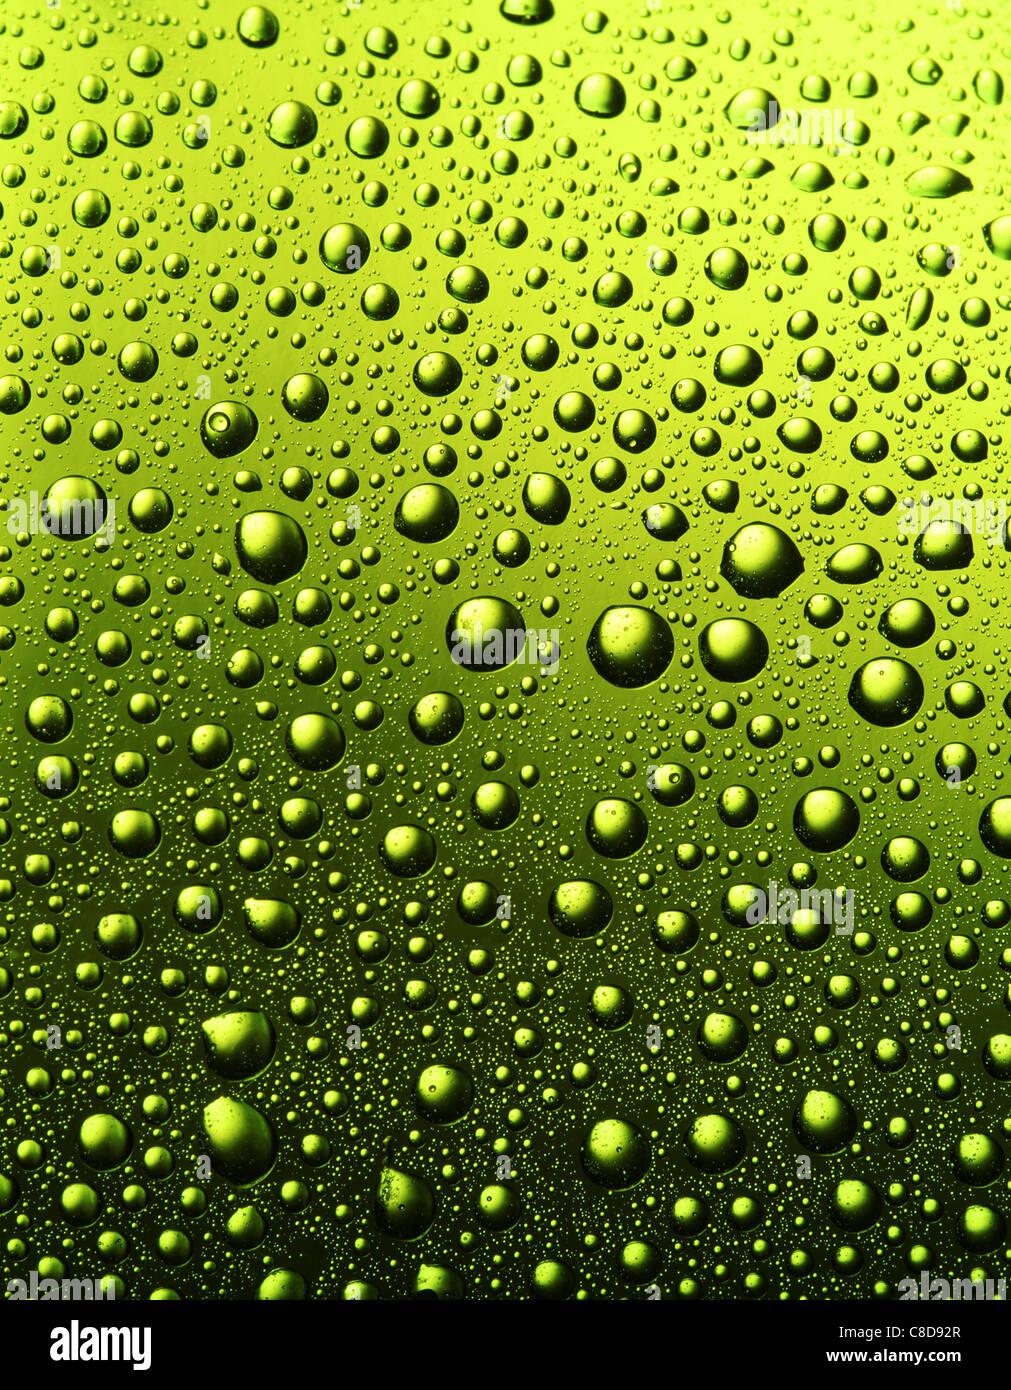 La textura de las gotas de agua en la botella de cerveza. Imagen De Stock